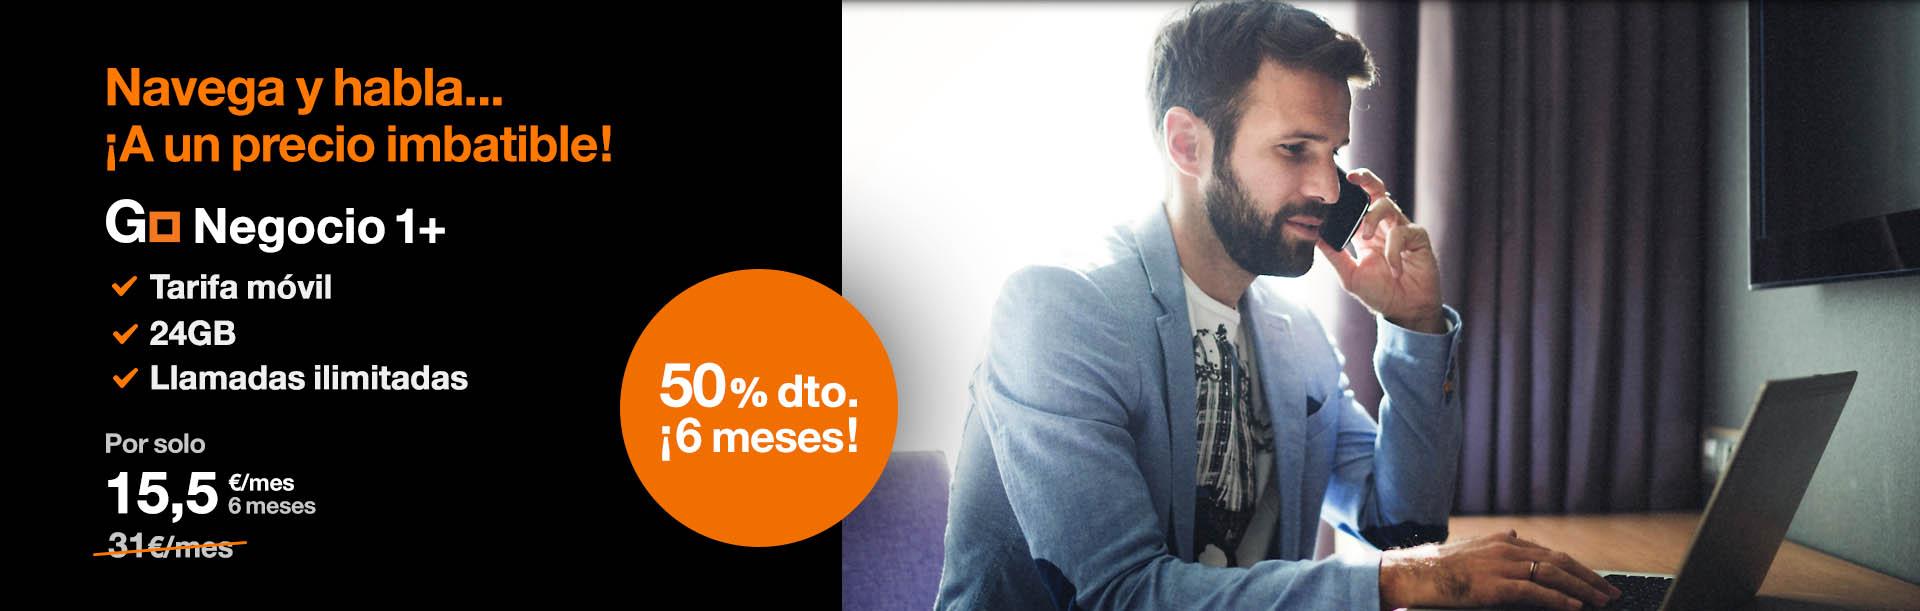 Go Negocio 1+ ¡a un precio imbatible! con Orange